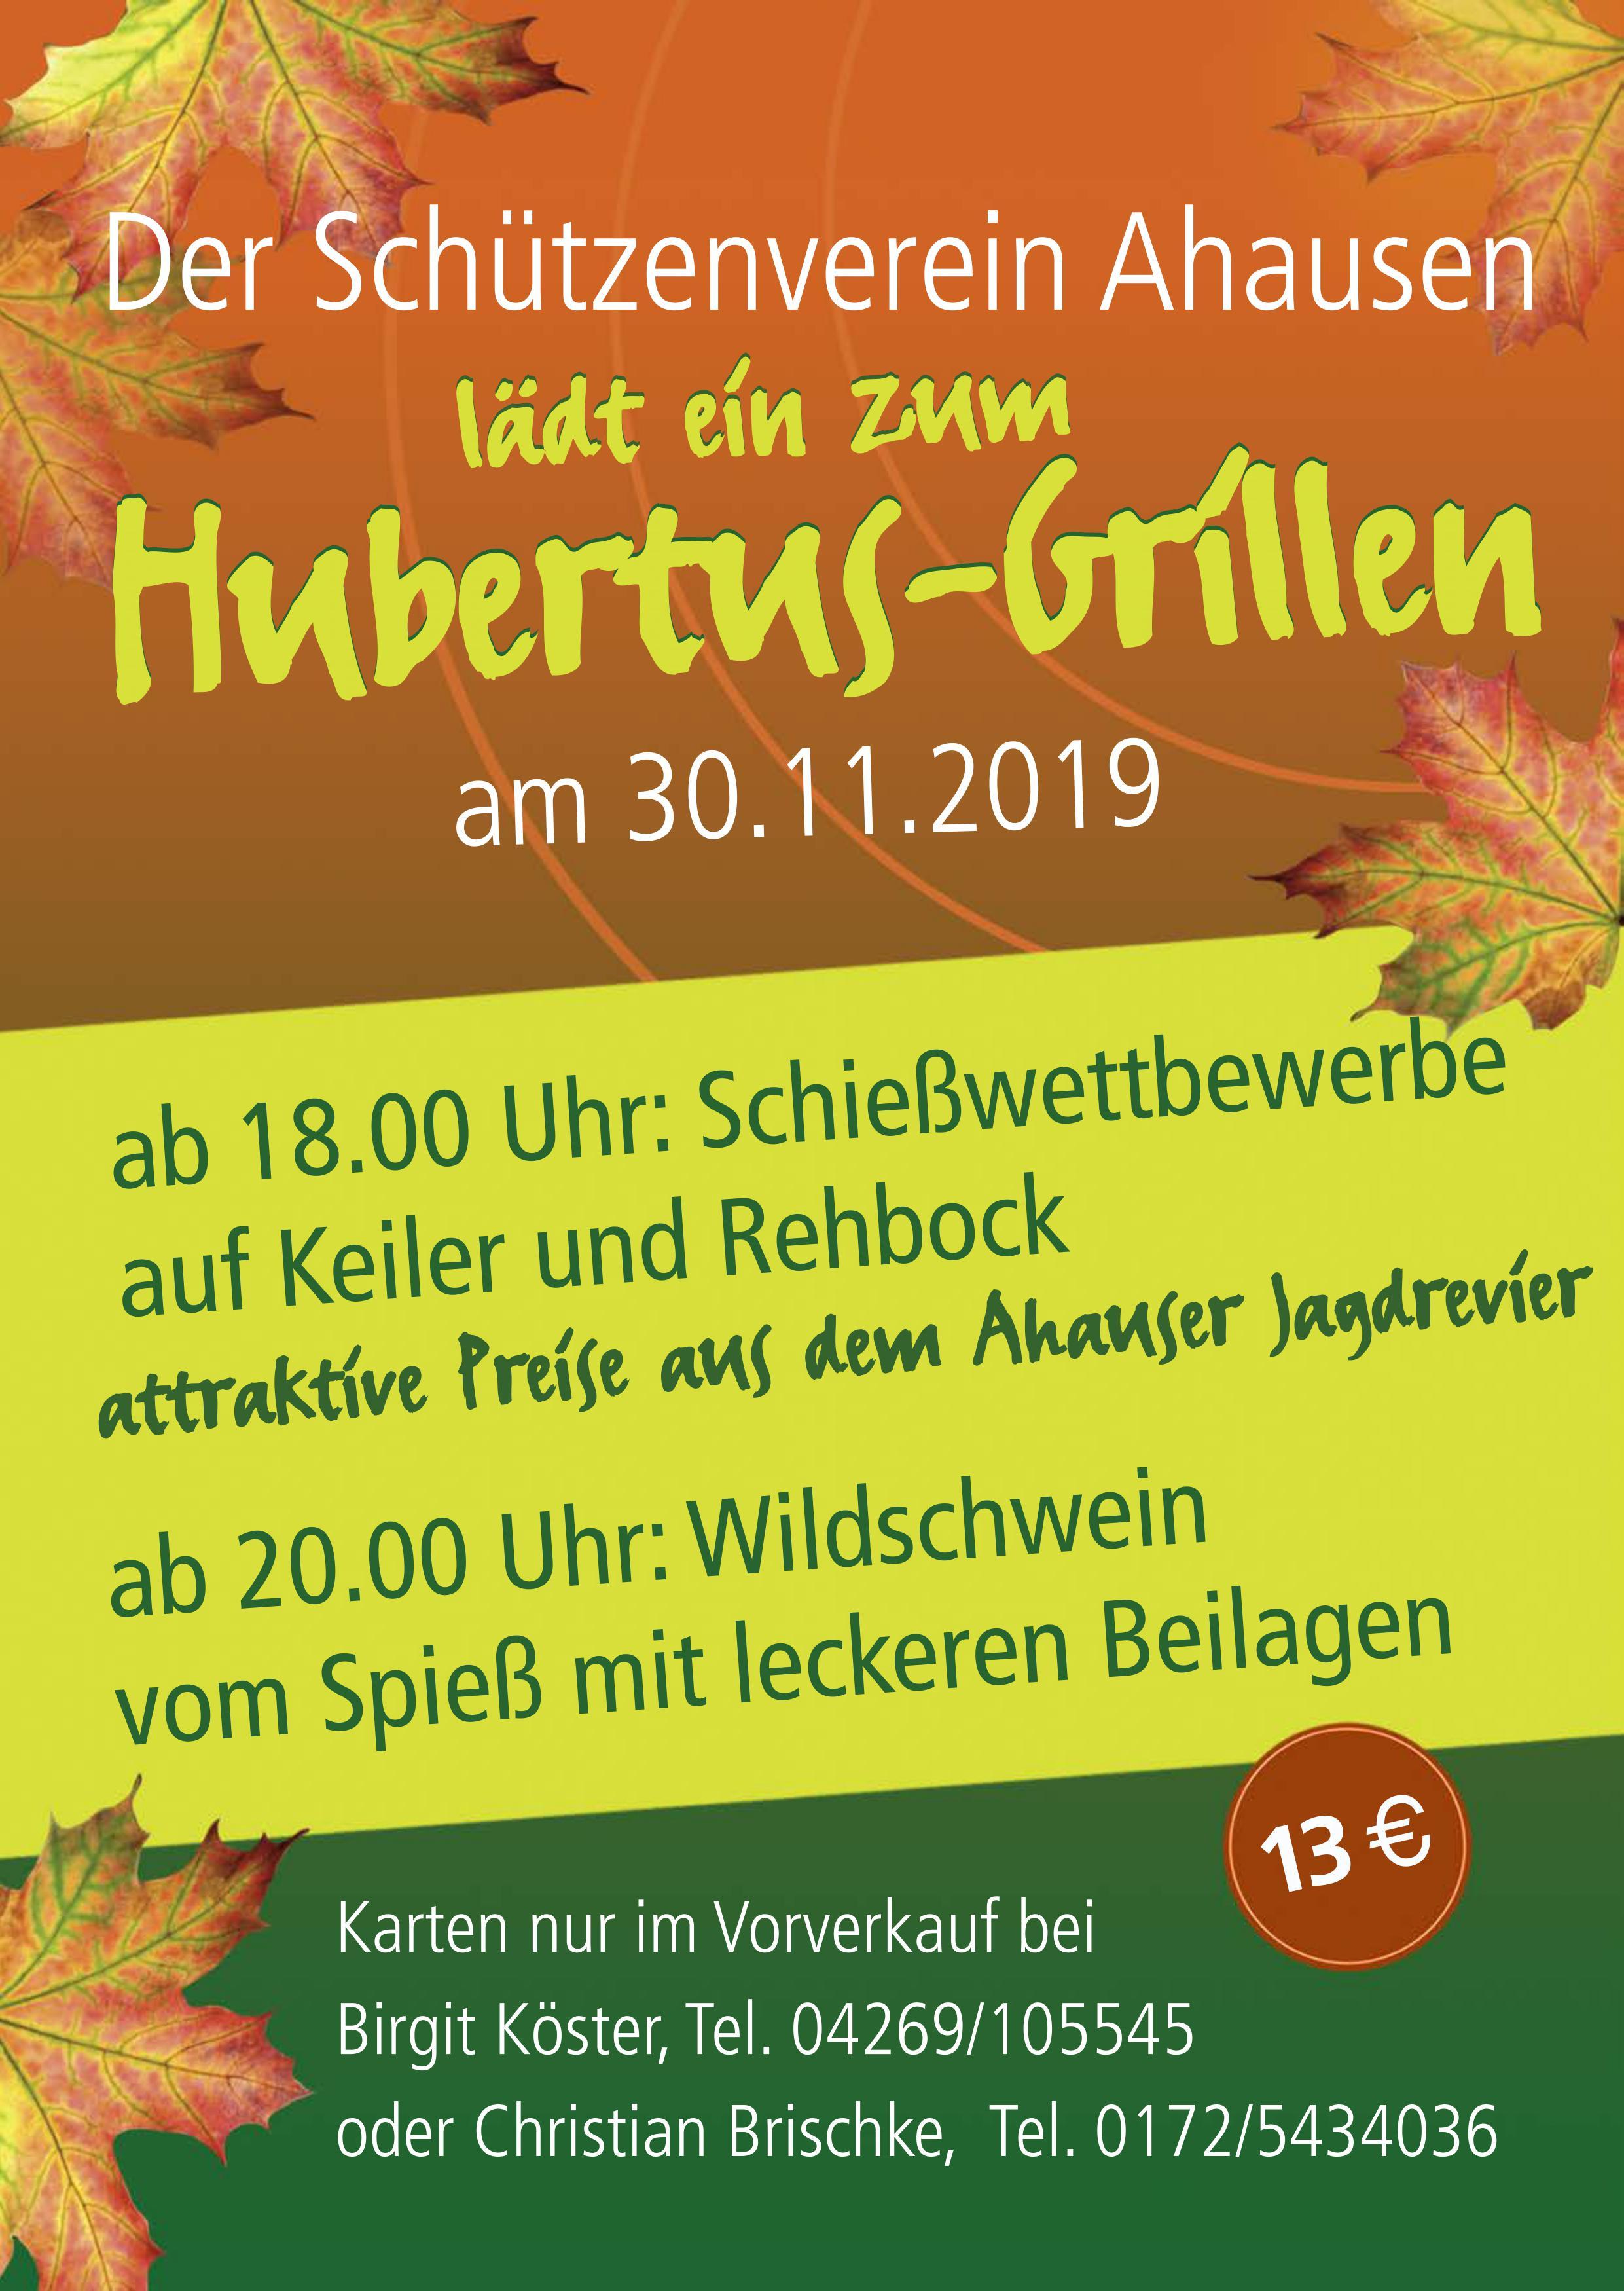 Hubertusgrillen-2019